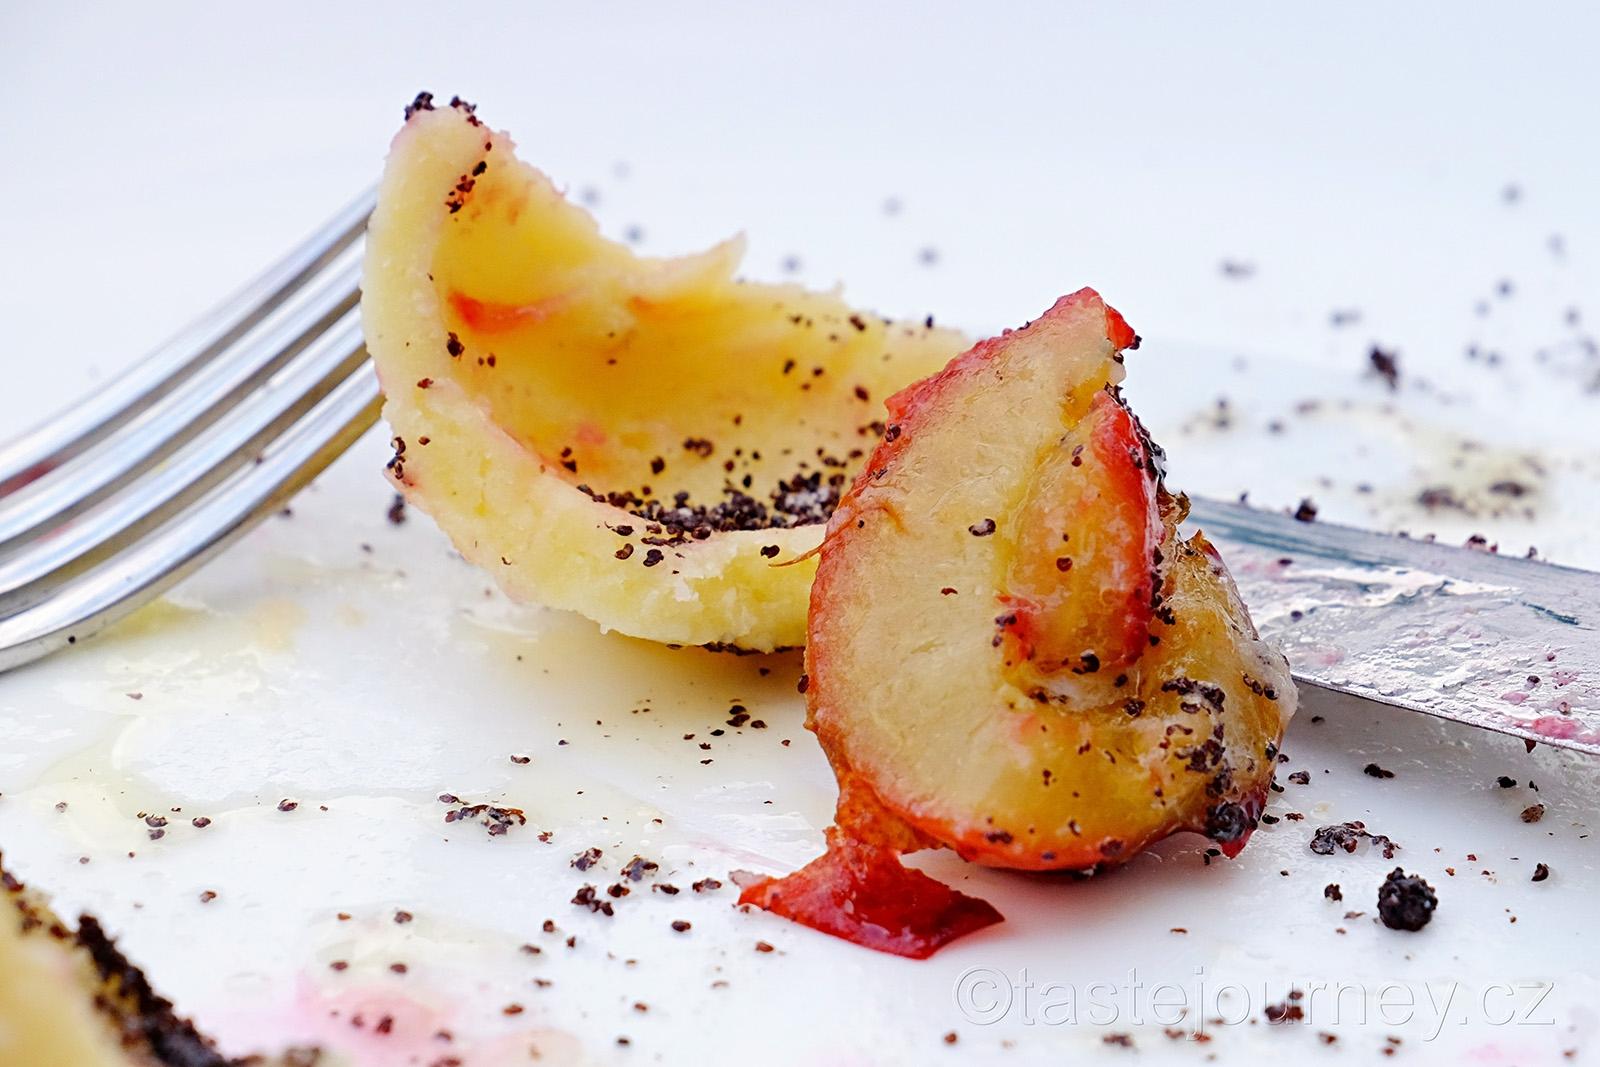 Švestky povařením získají lepší chuť a to je tajemství švestkových knedlíků